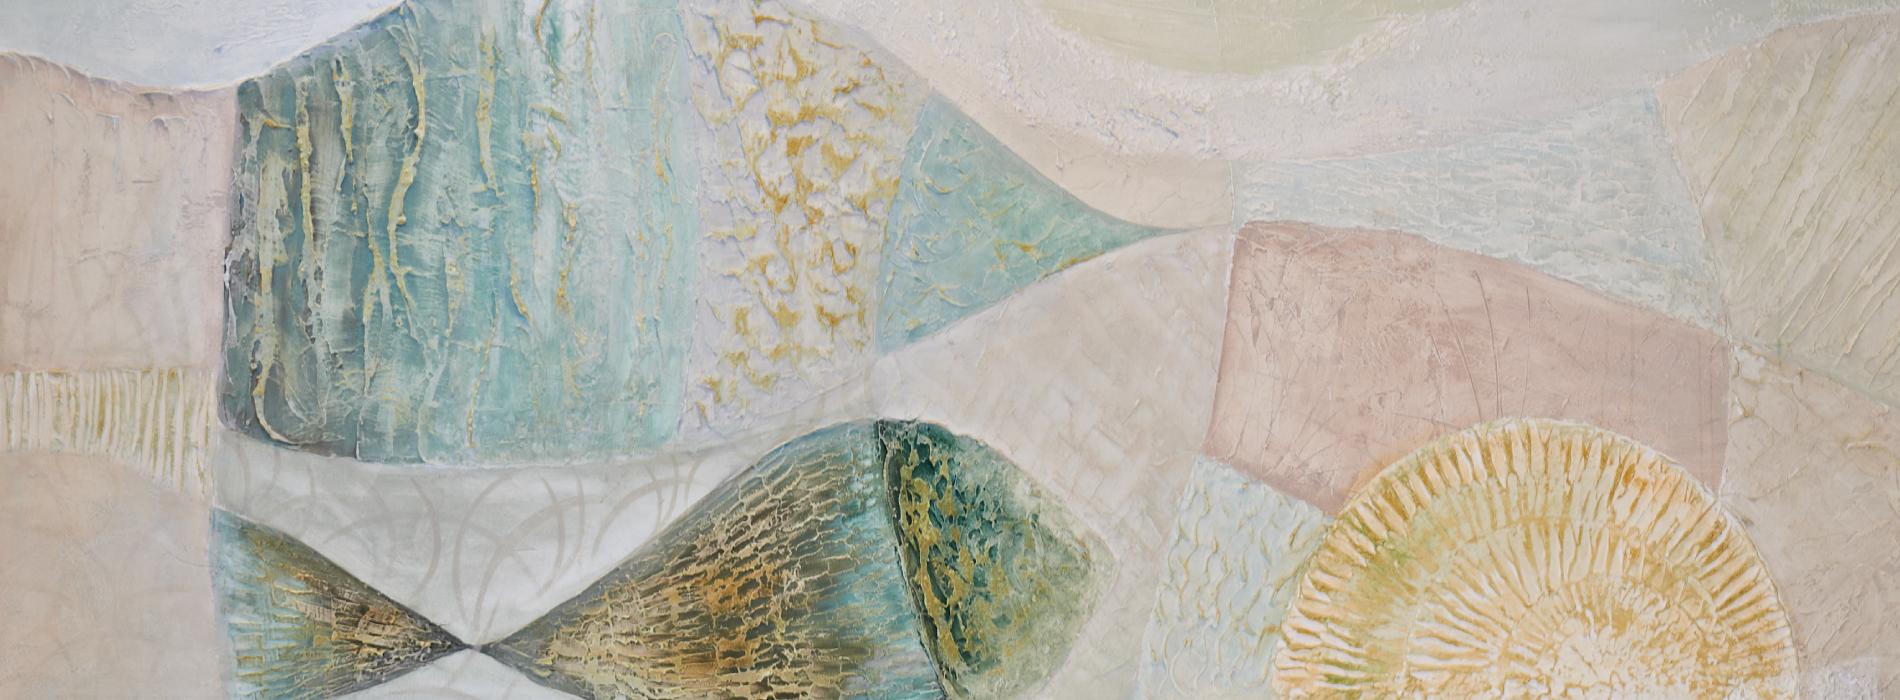 Foto della Hall: opera d'arte in stucco a rilievo dell'artista Giglia Acquaviva per Hotel Sirio a Lido di Camaiore in Versilia, Toscana